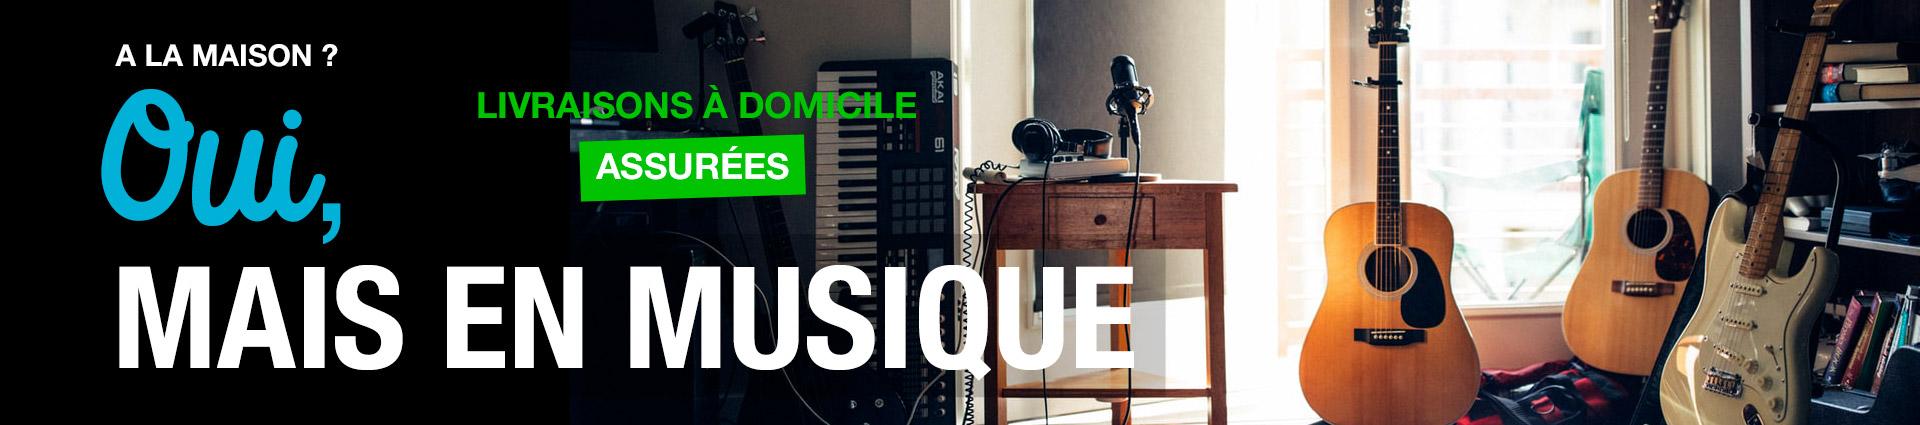 SonoVente.com à la maison